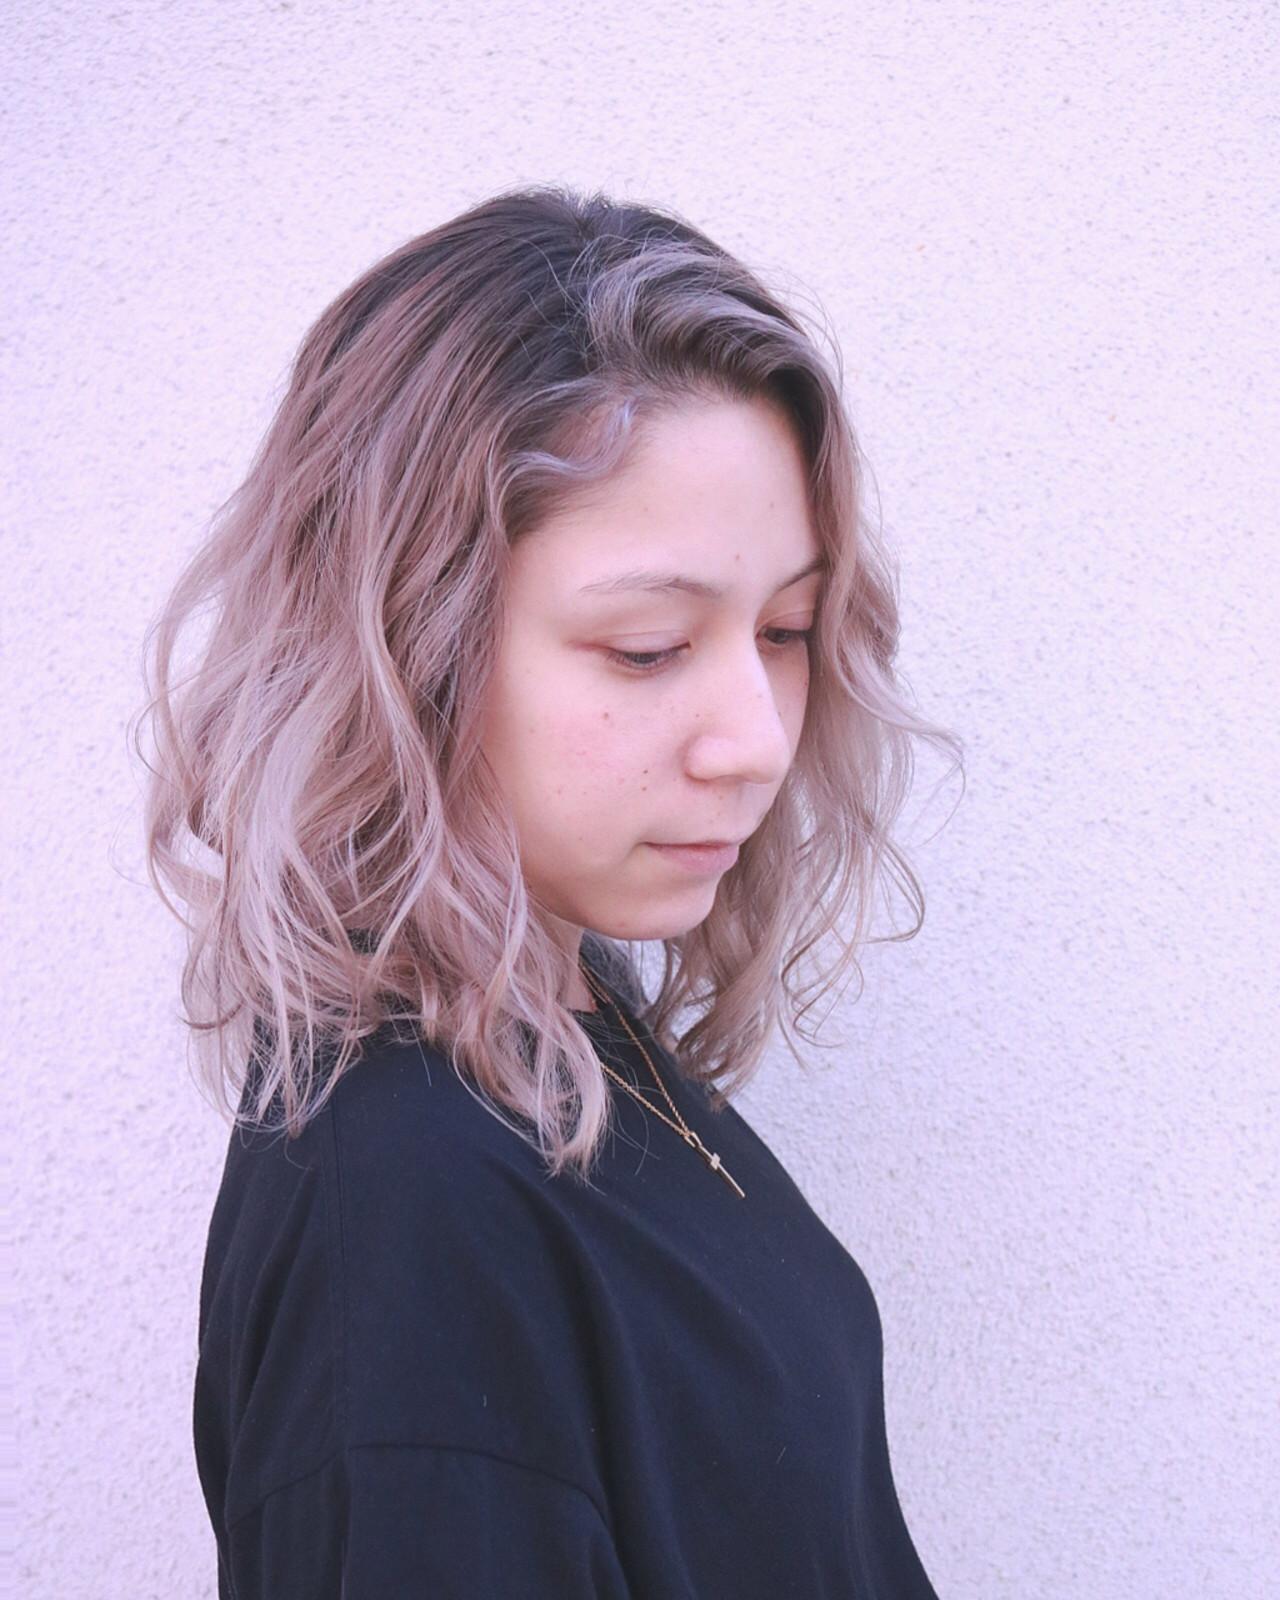 ボブ ナチュラル 透明感 グレージュ ヘアスタイルや髪型の写真・画像 | RUMINA //高田ゆみこ / Rumina